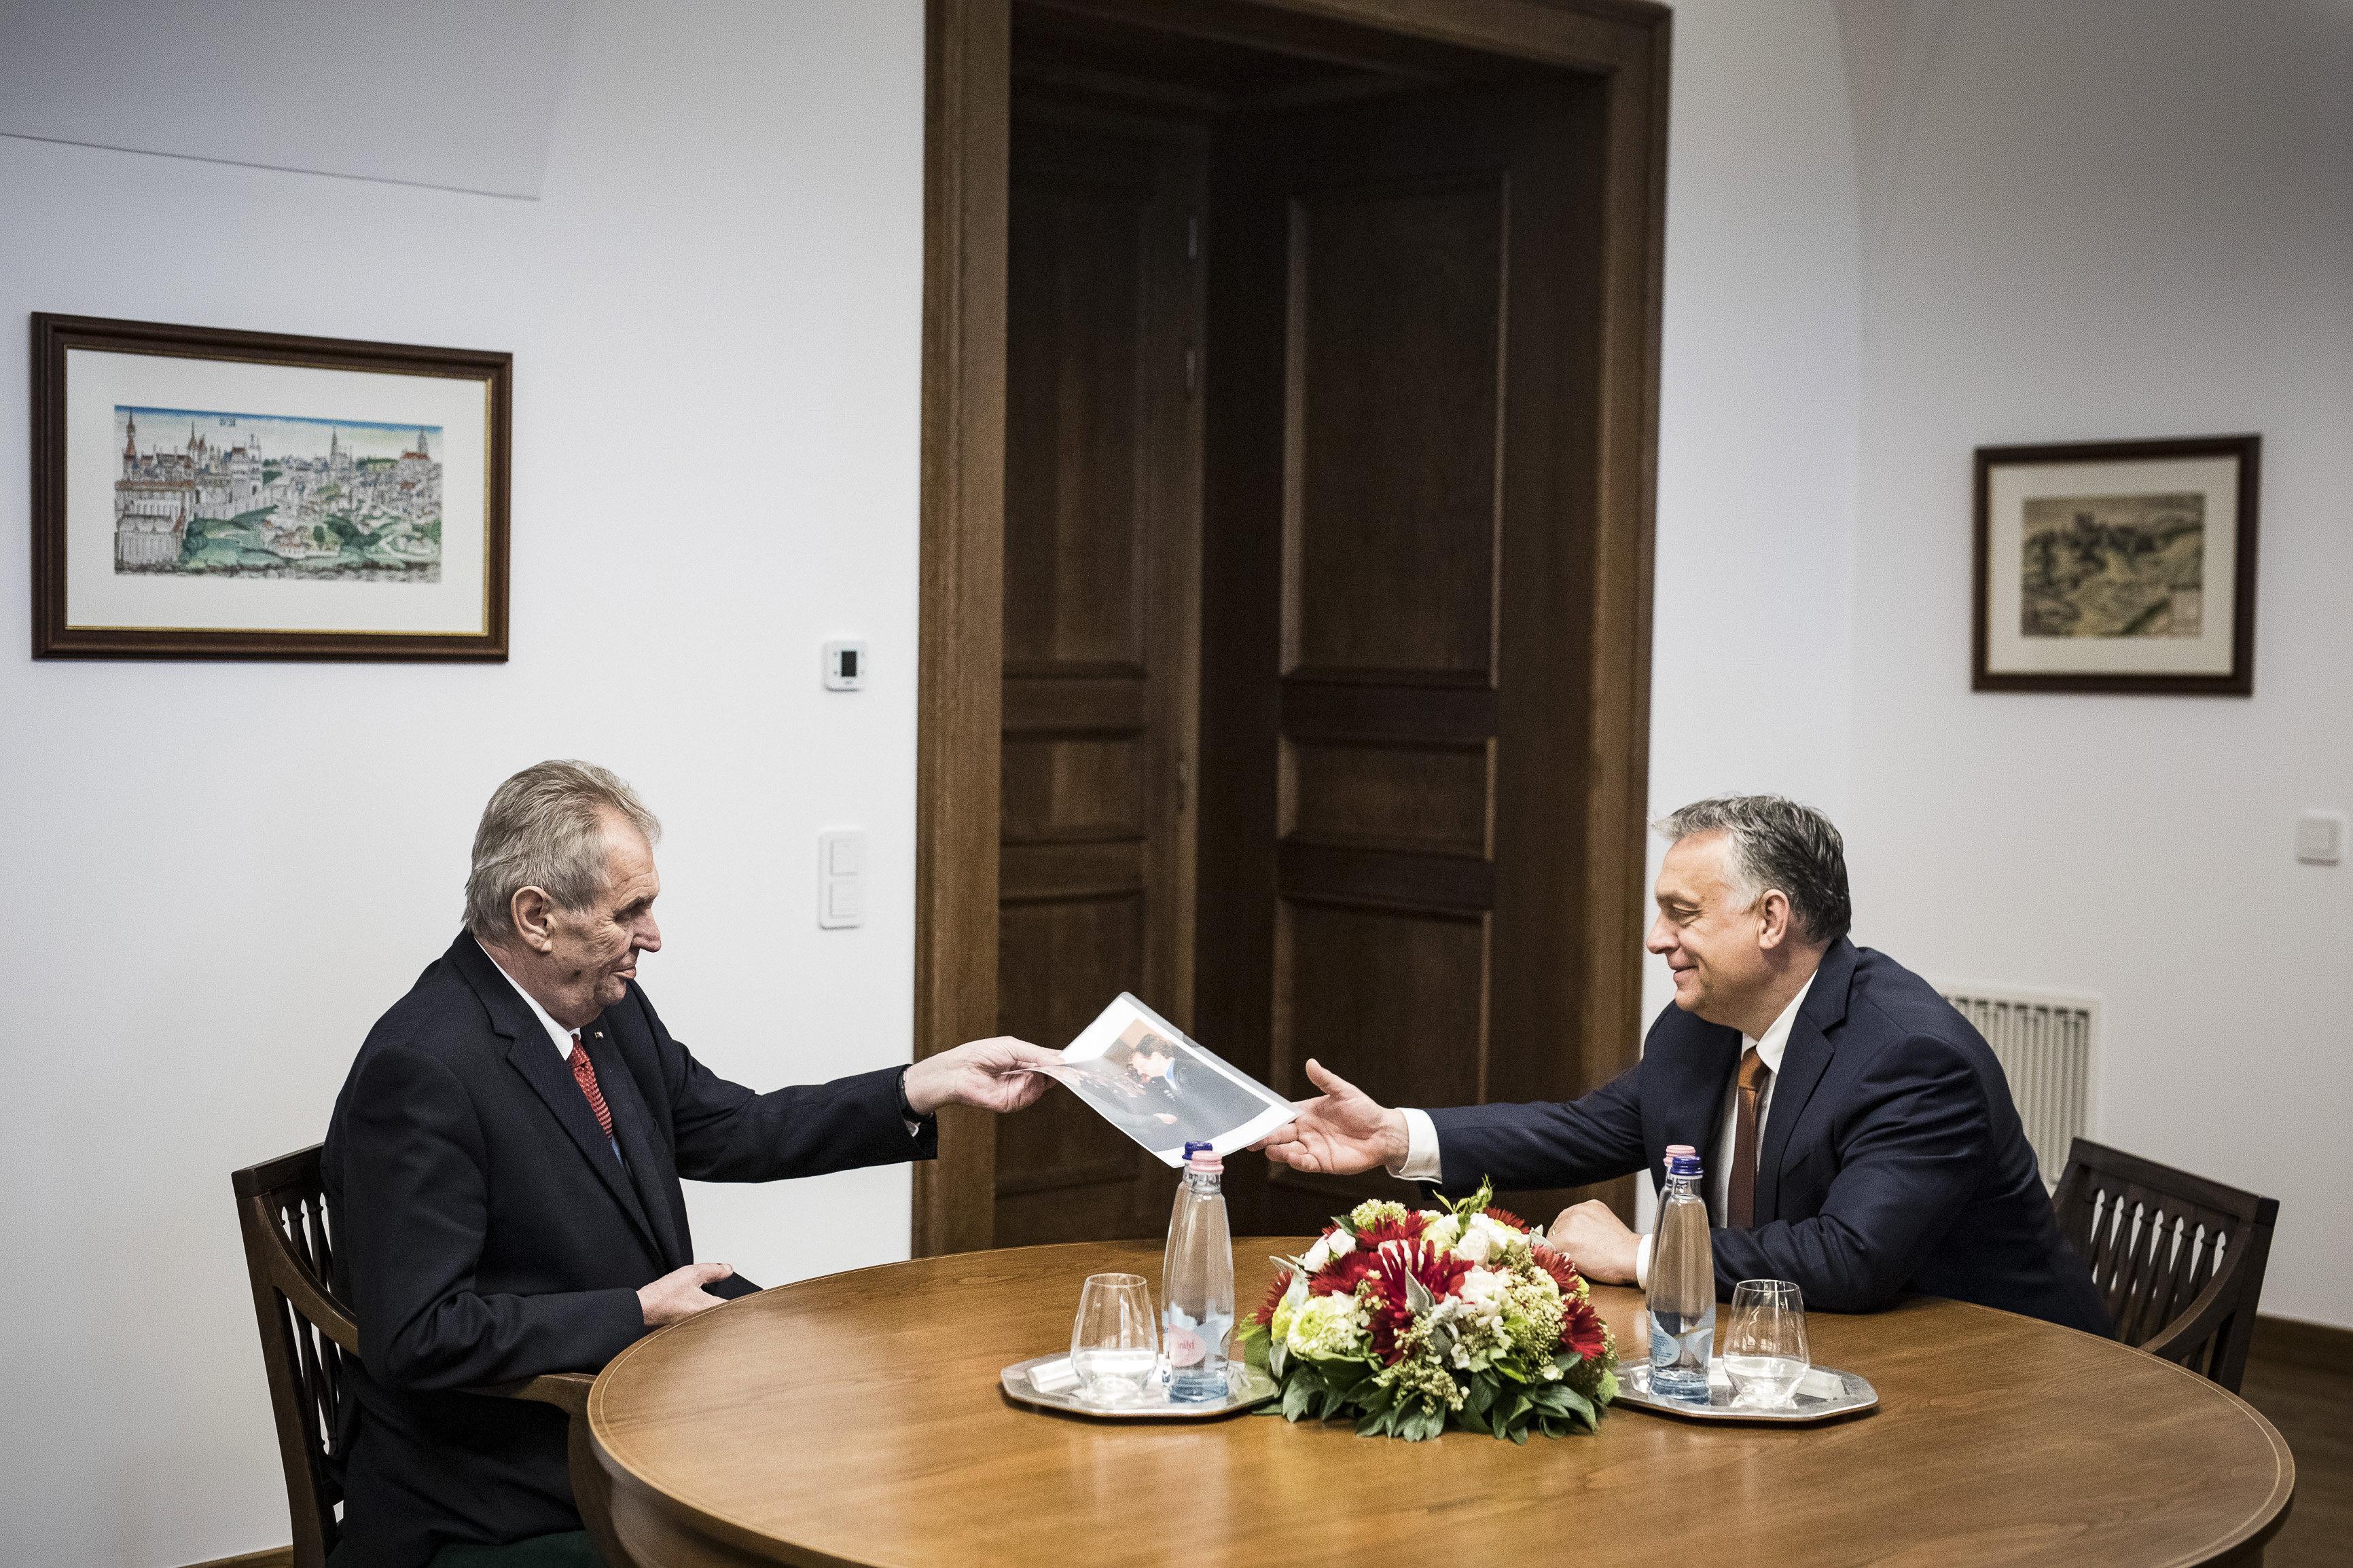 Orbán und Zeman diskutieren über V4-Zusammenarbeit in Budapest post's picture